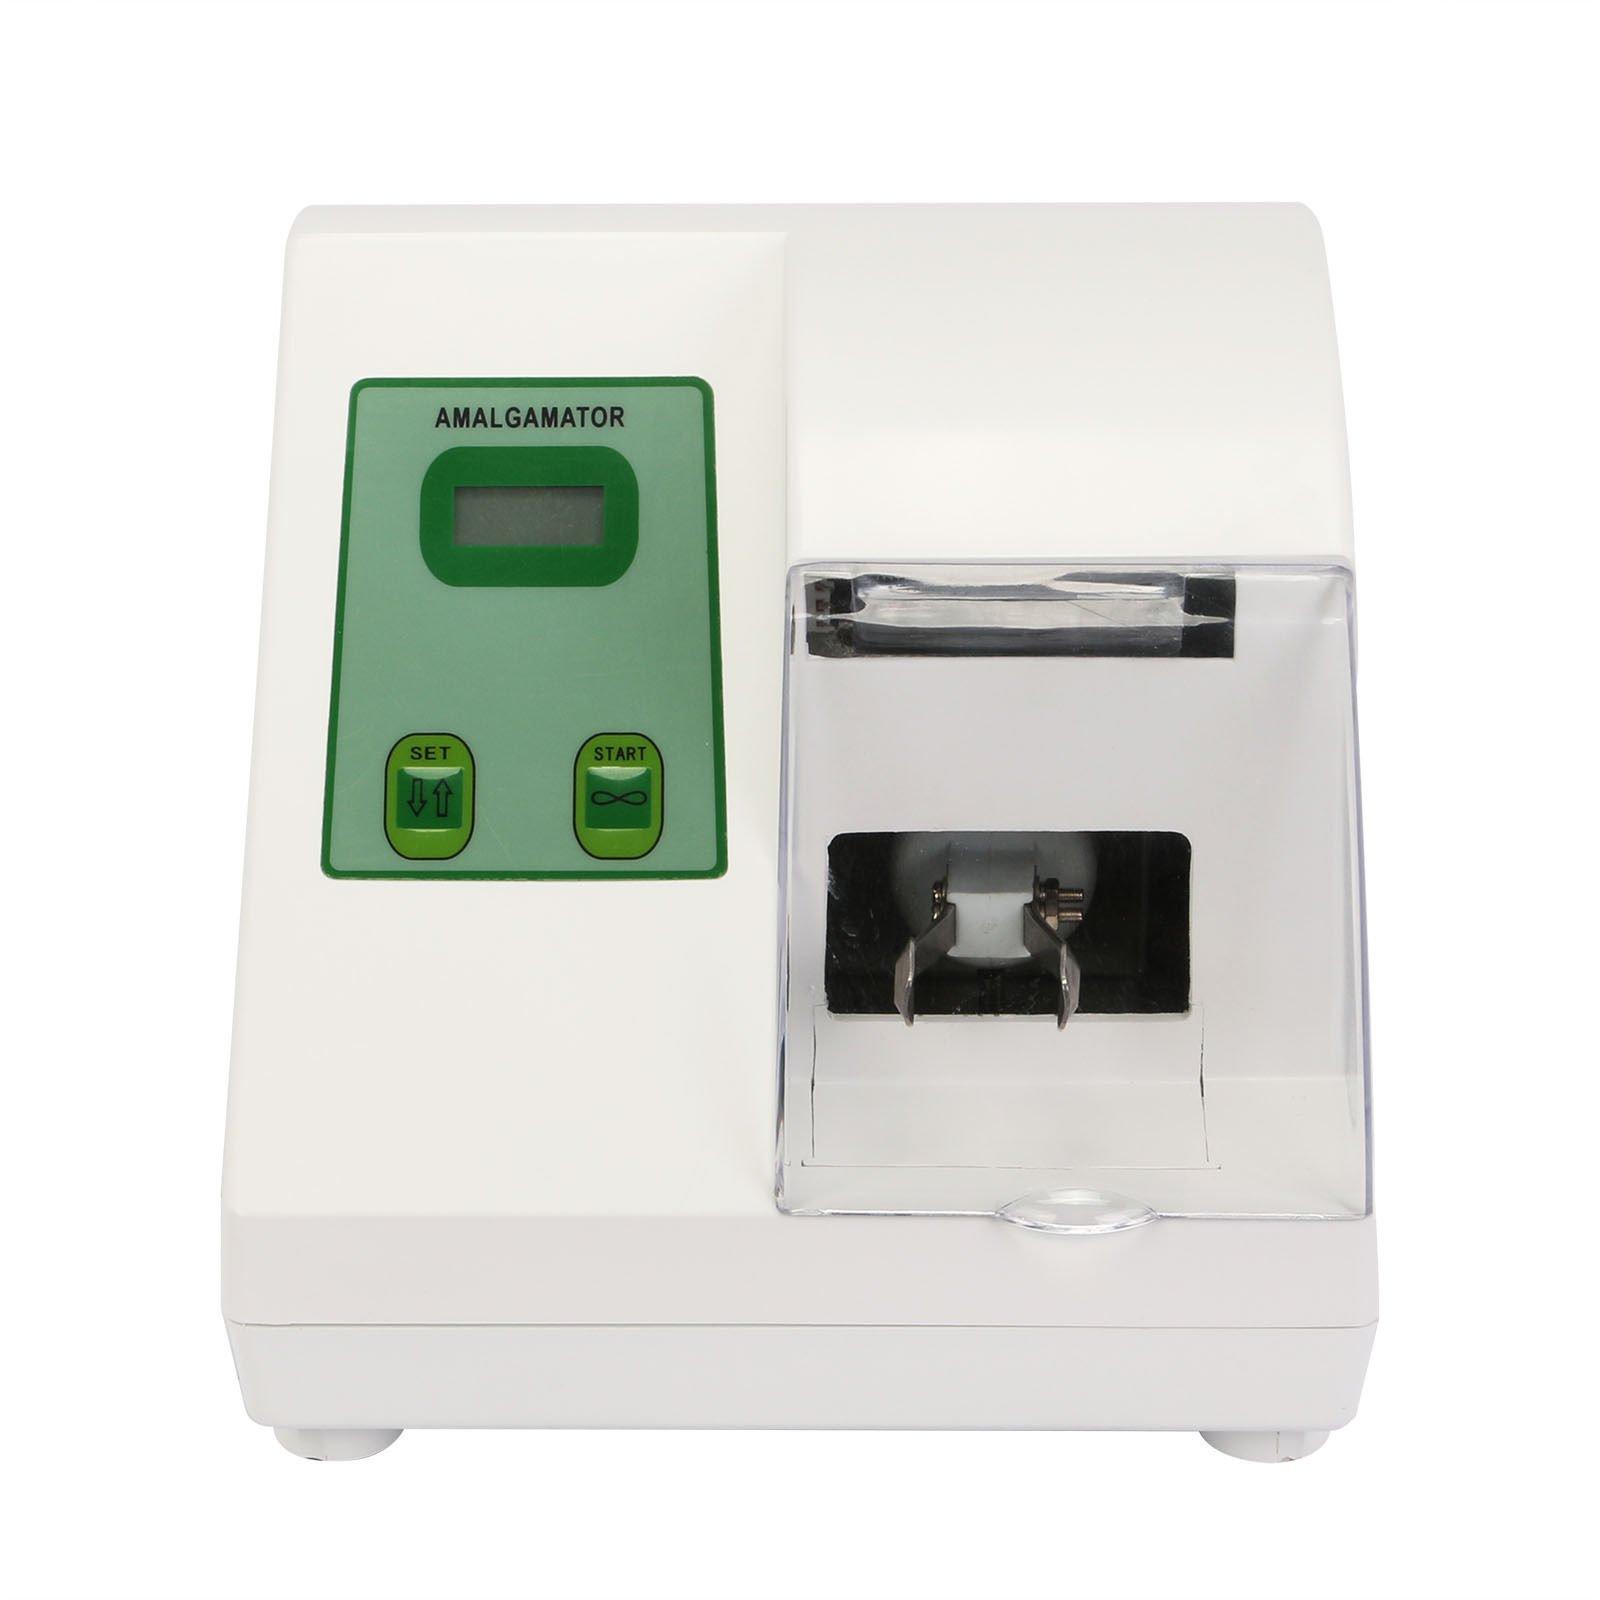 DARYOU High Speed Digital Amalgamator Amalgam Dental Capsule Lab Electrical Mixer G6 USA